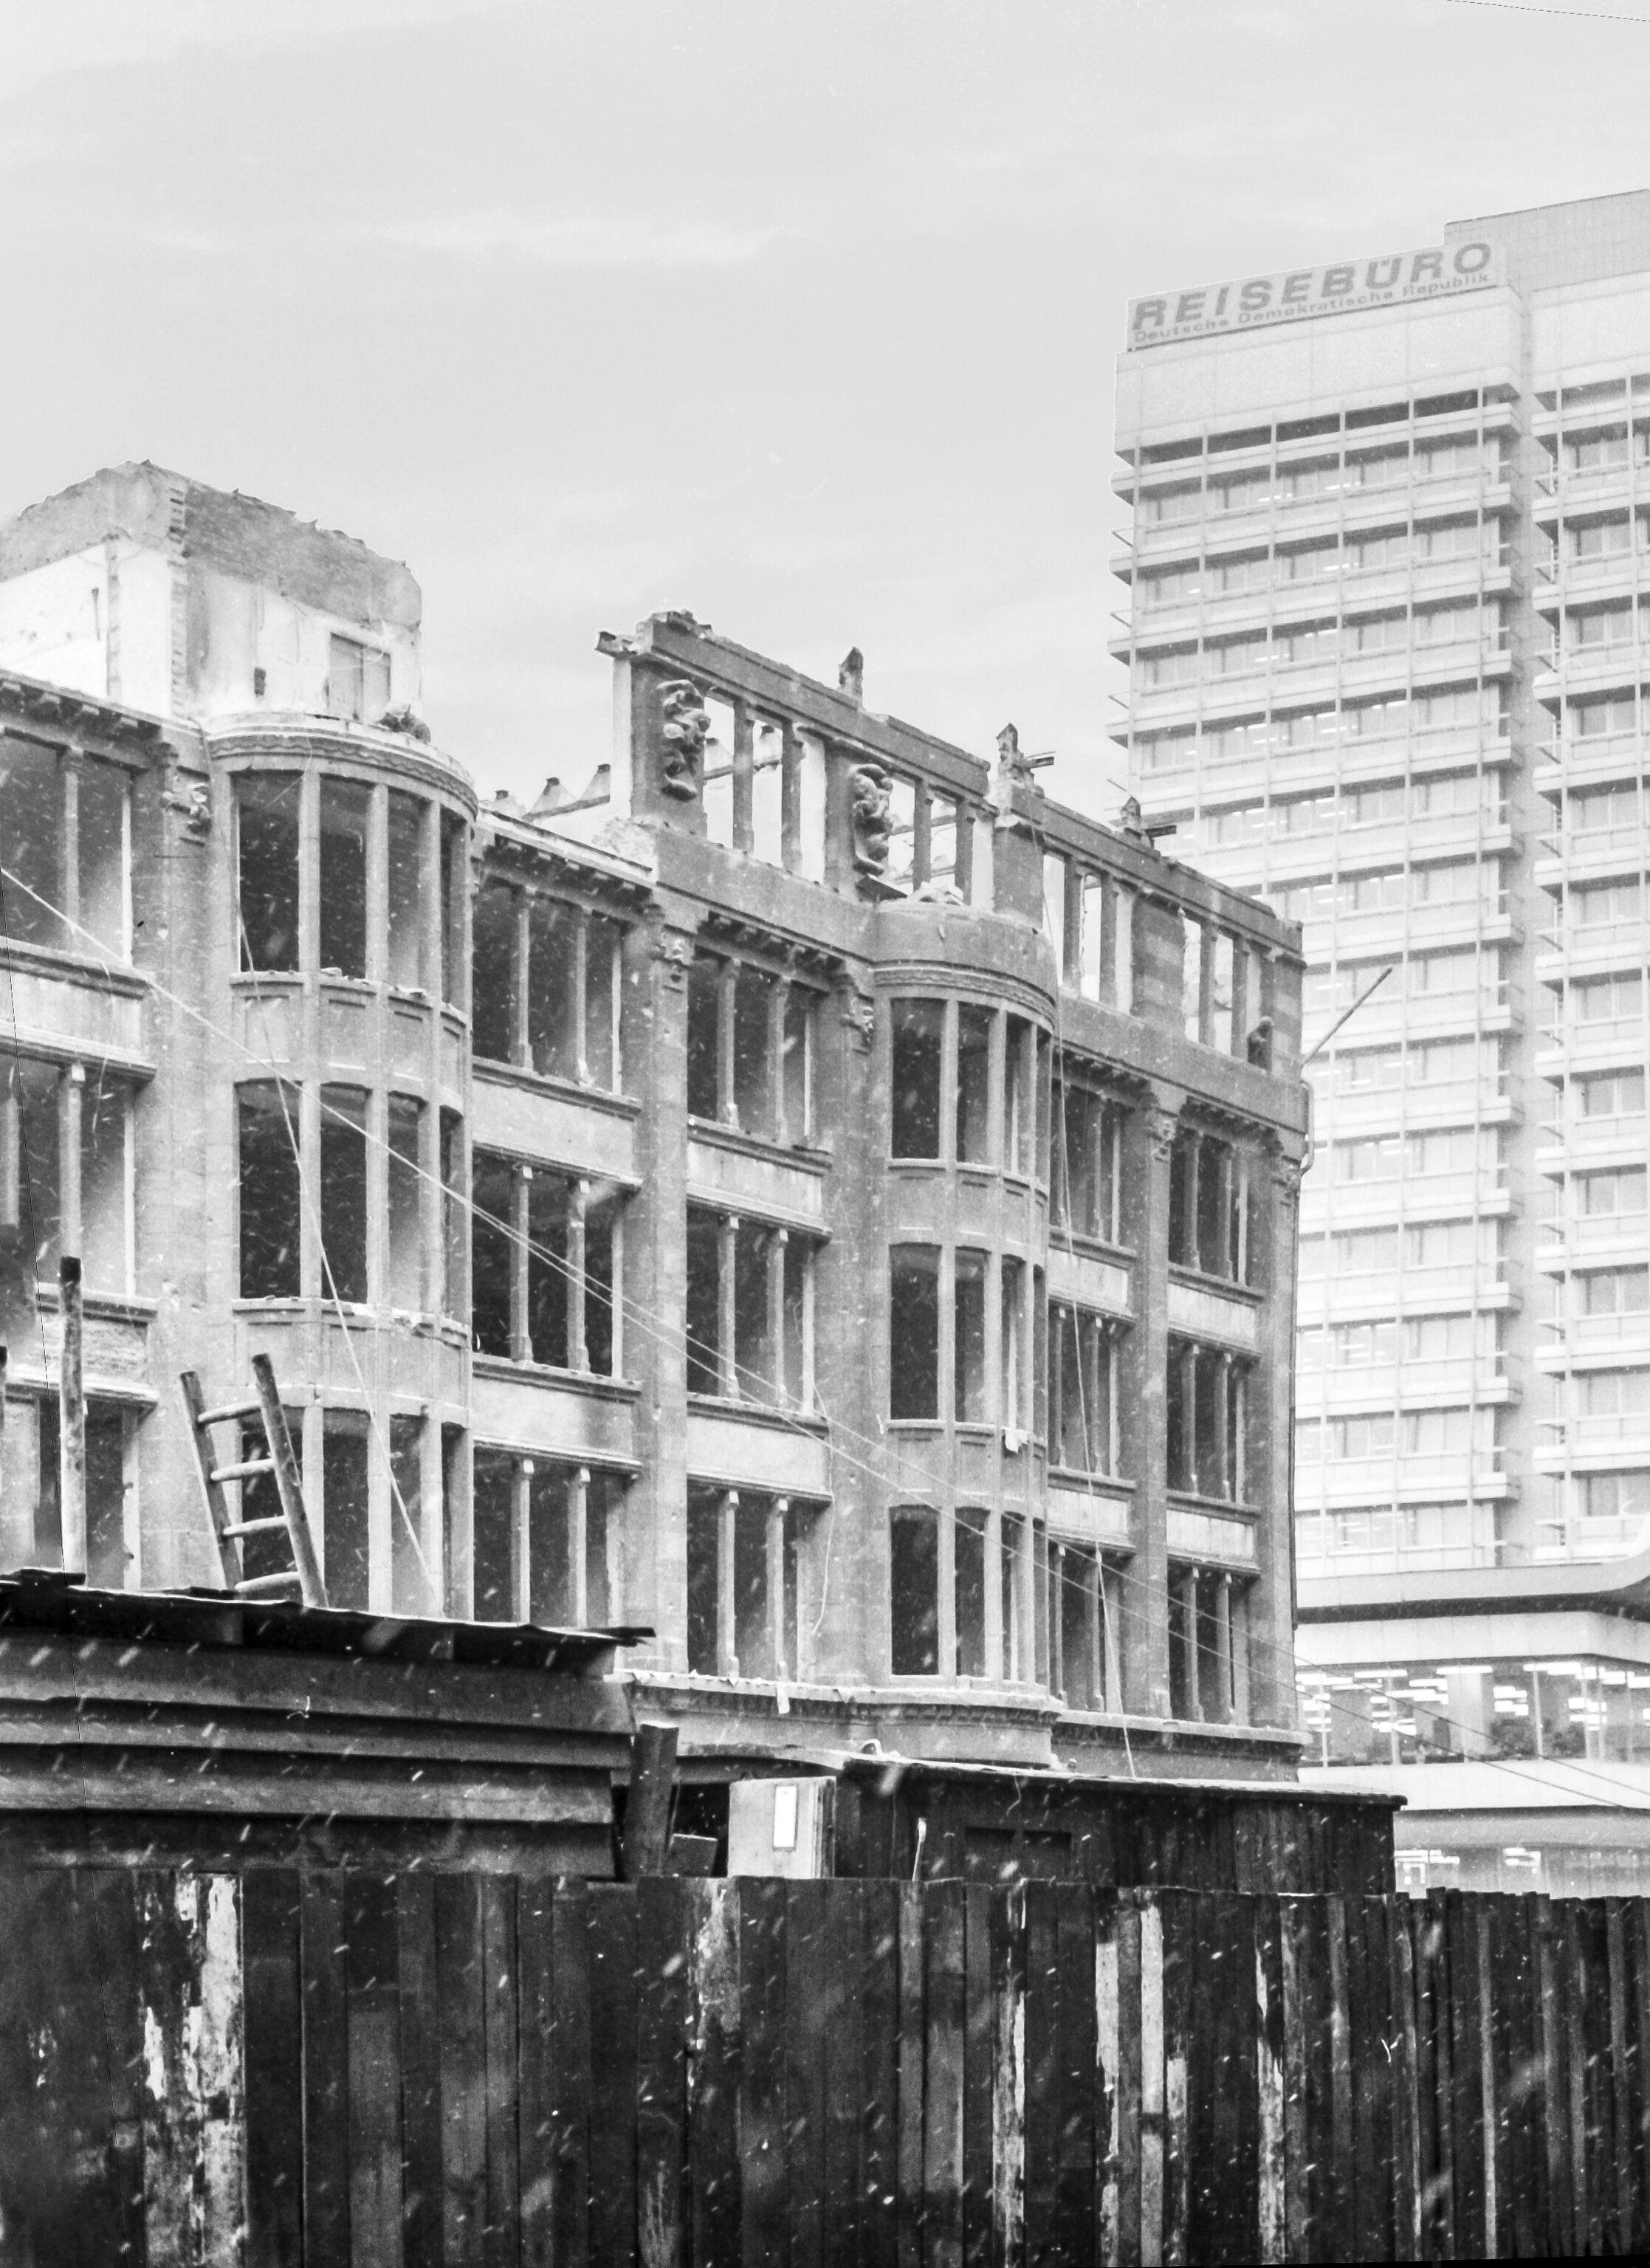 1972 Berlin Alexanderplatz Abriss Der Letzten Originalbebauung In 2020 Berlin Oldies Olds